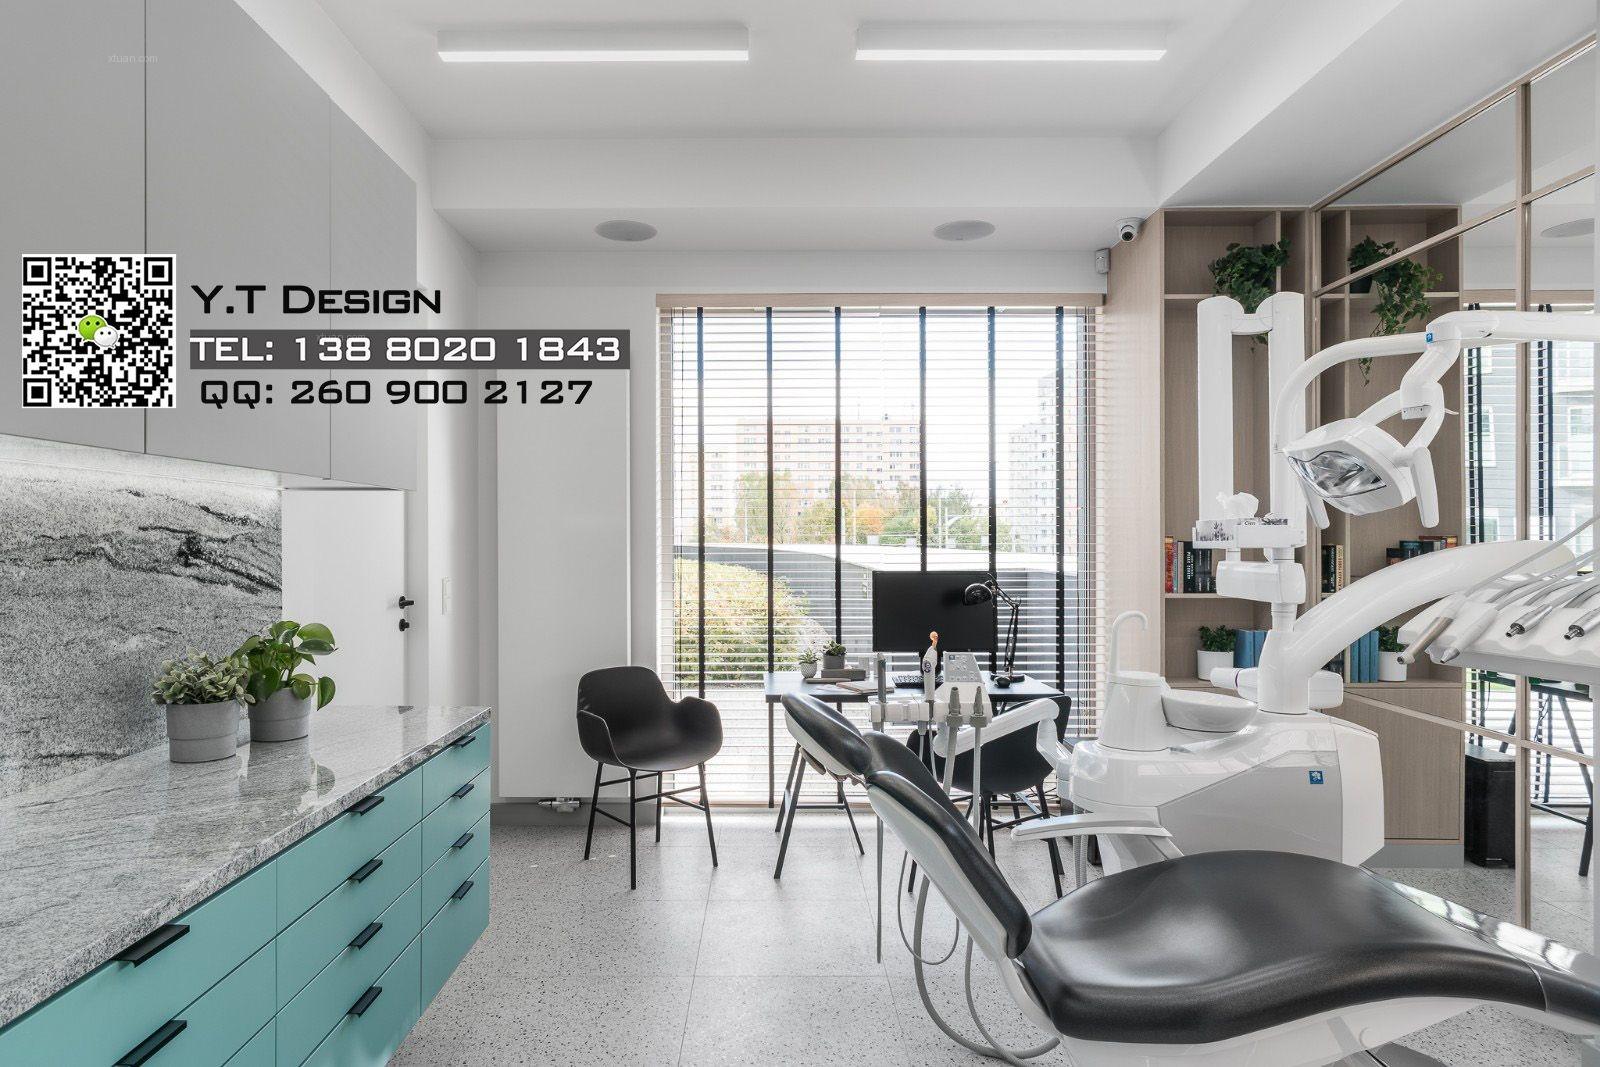 成都牙科诊所空间设计|成都口腔诊所设计公司|口腔医院装修设计